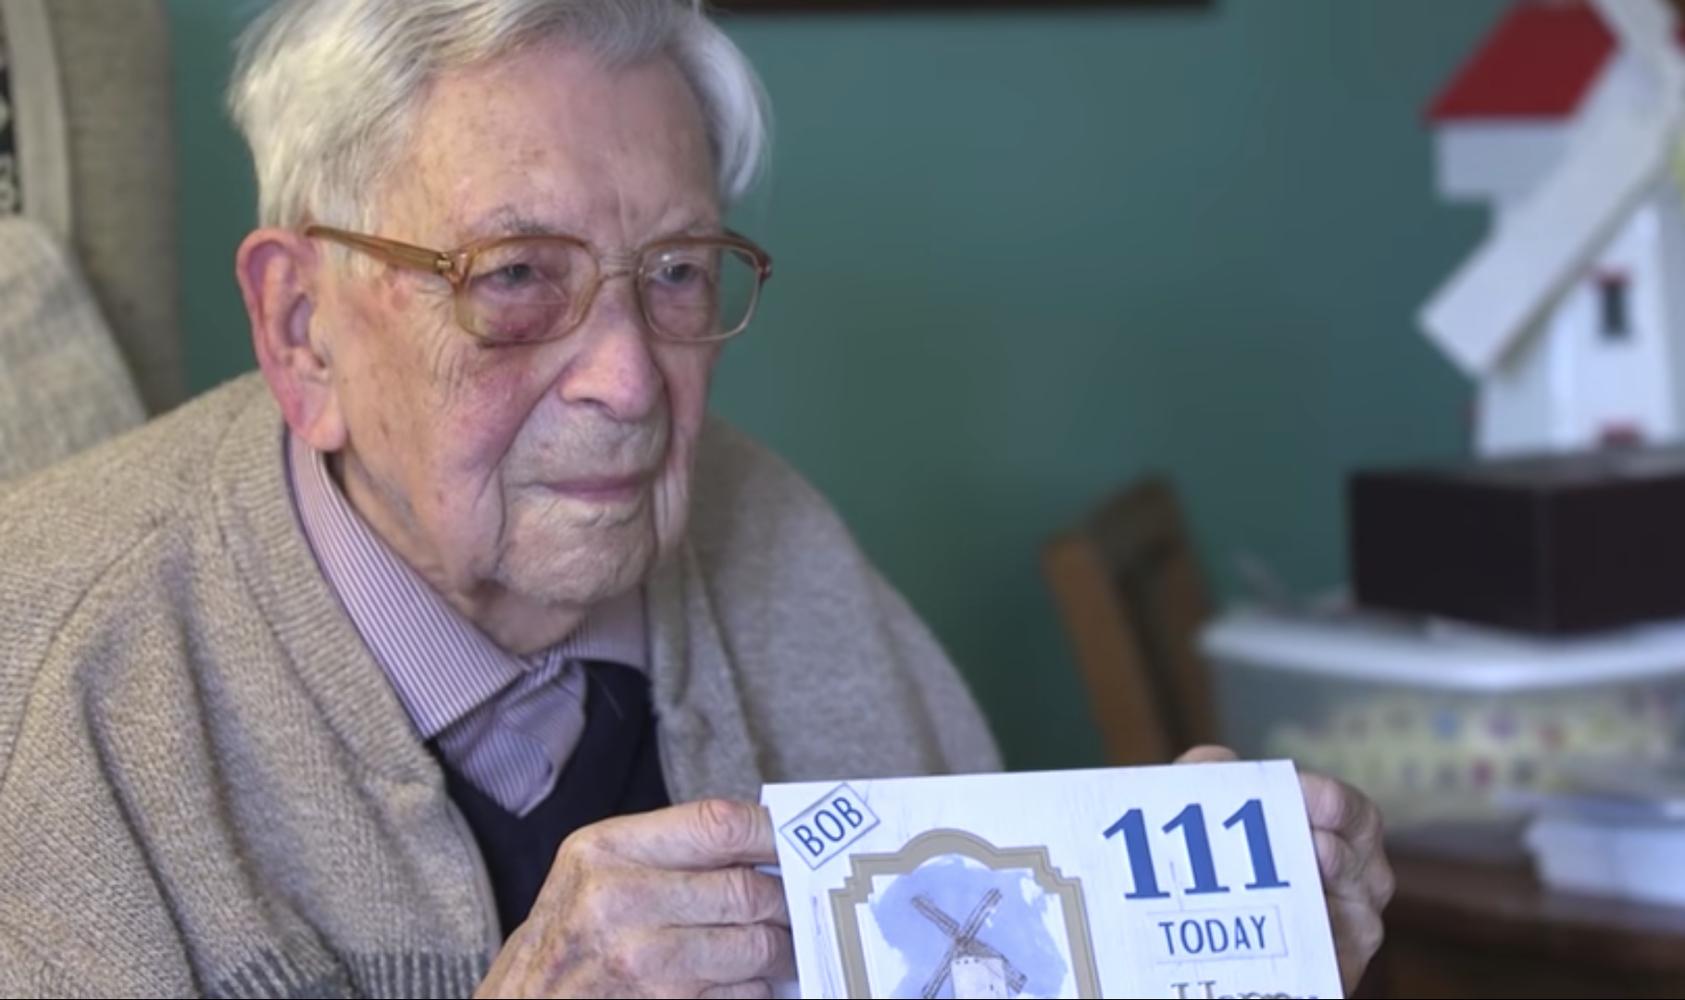 28_lyudyna2 «Святе місце пустим не буває»: найстарішим чоловіком у світі стане 111-річний британець